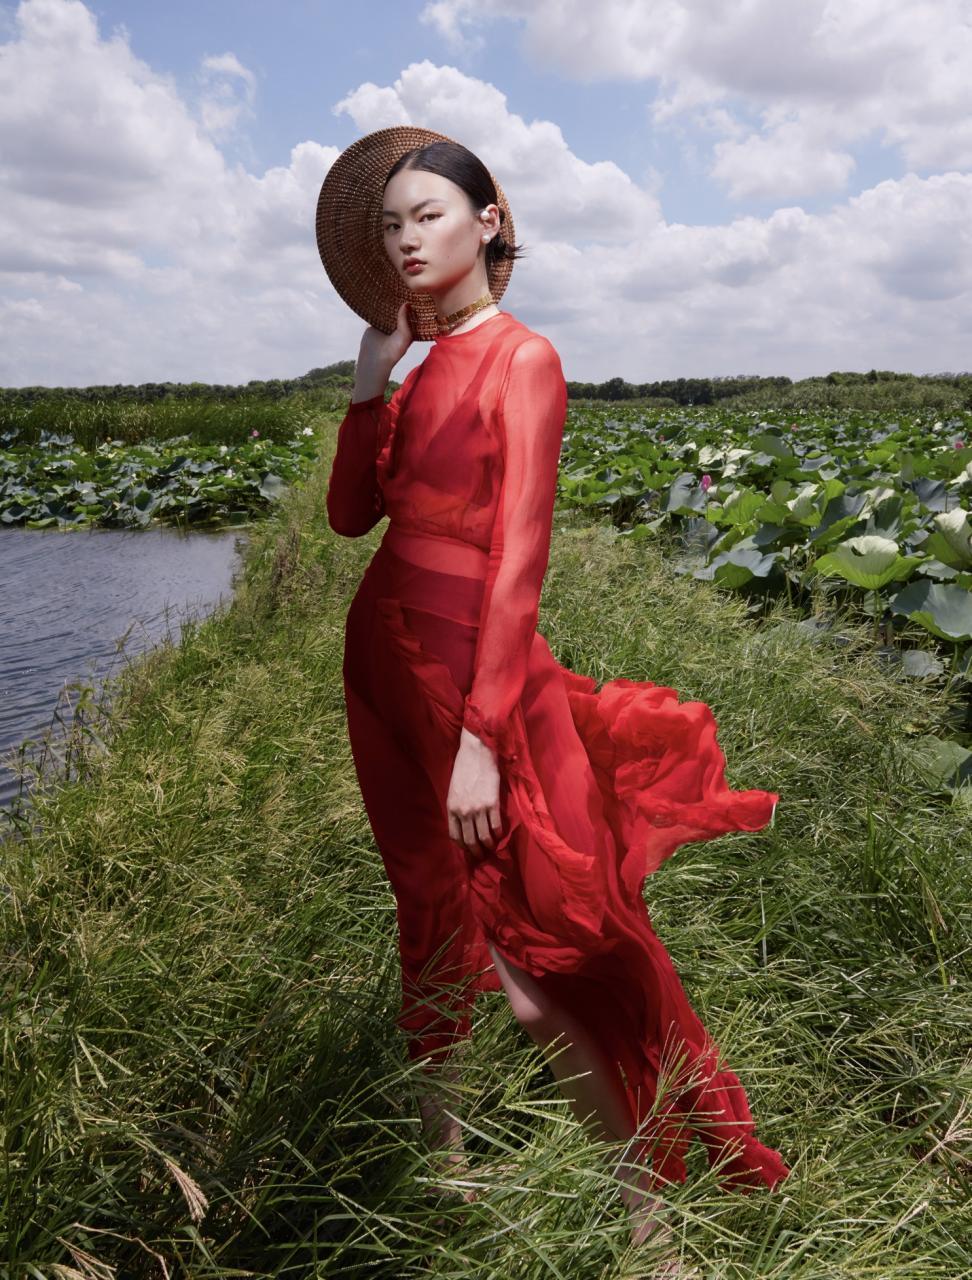 贺聪《Wallpaper*卷宗》2018年9月&10月合集 时尚图库 第7张